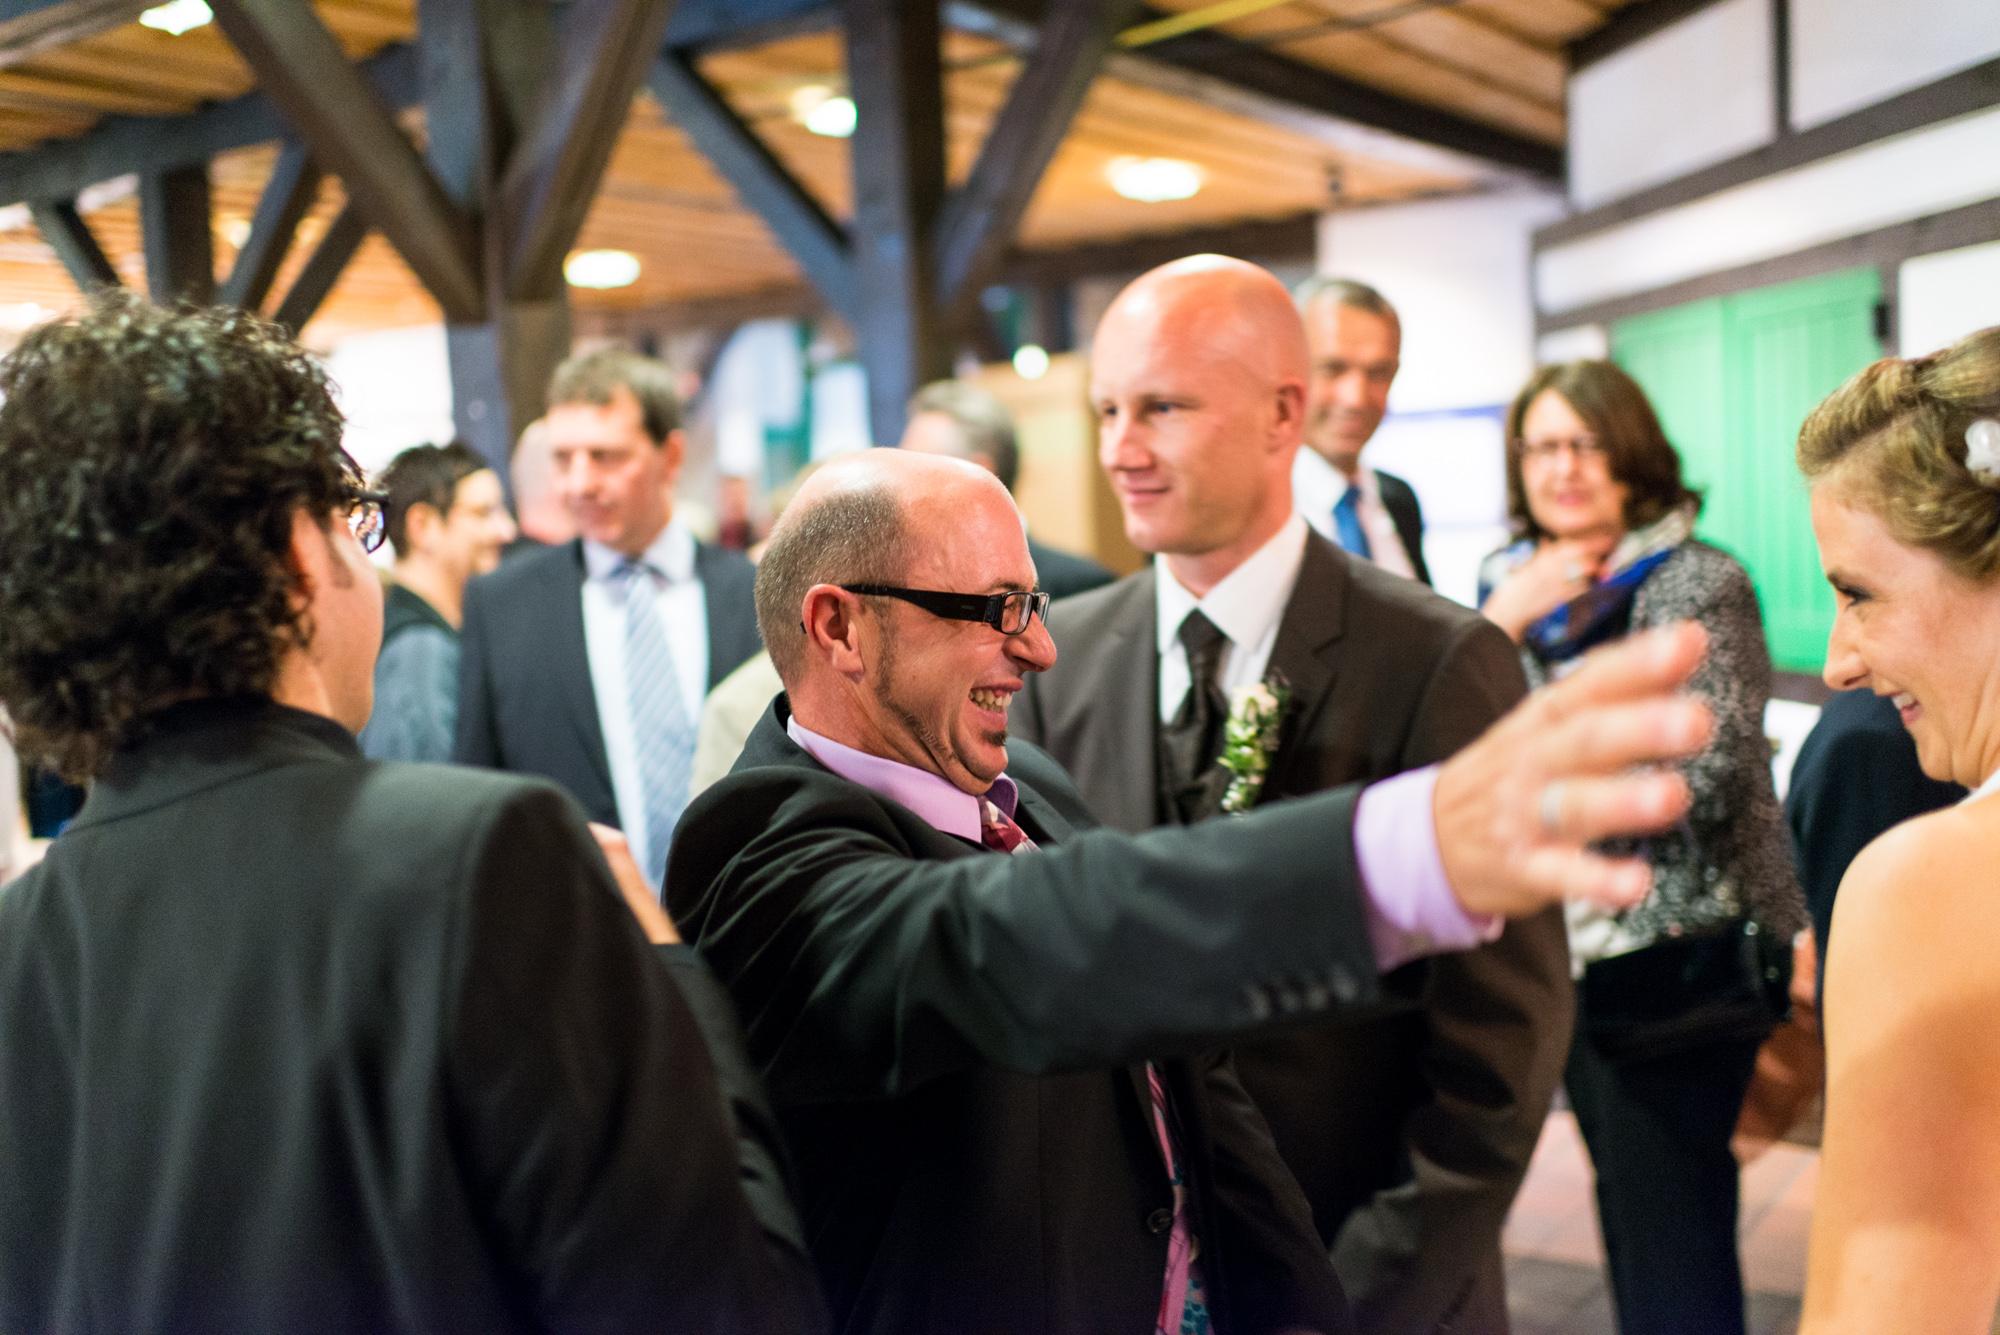 Fotograf Konstanz - Als Hochzeitsfotograf in Bad Dürrheim unterwegs  - 50 -